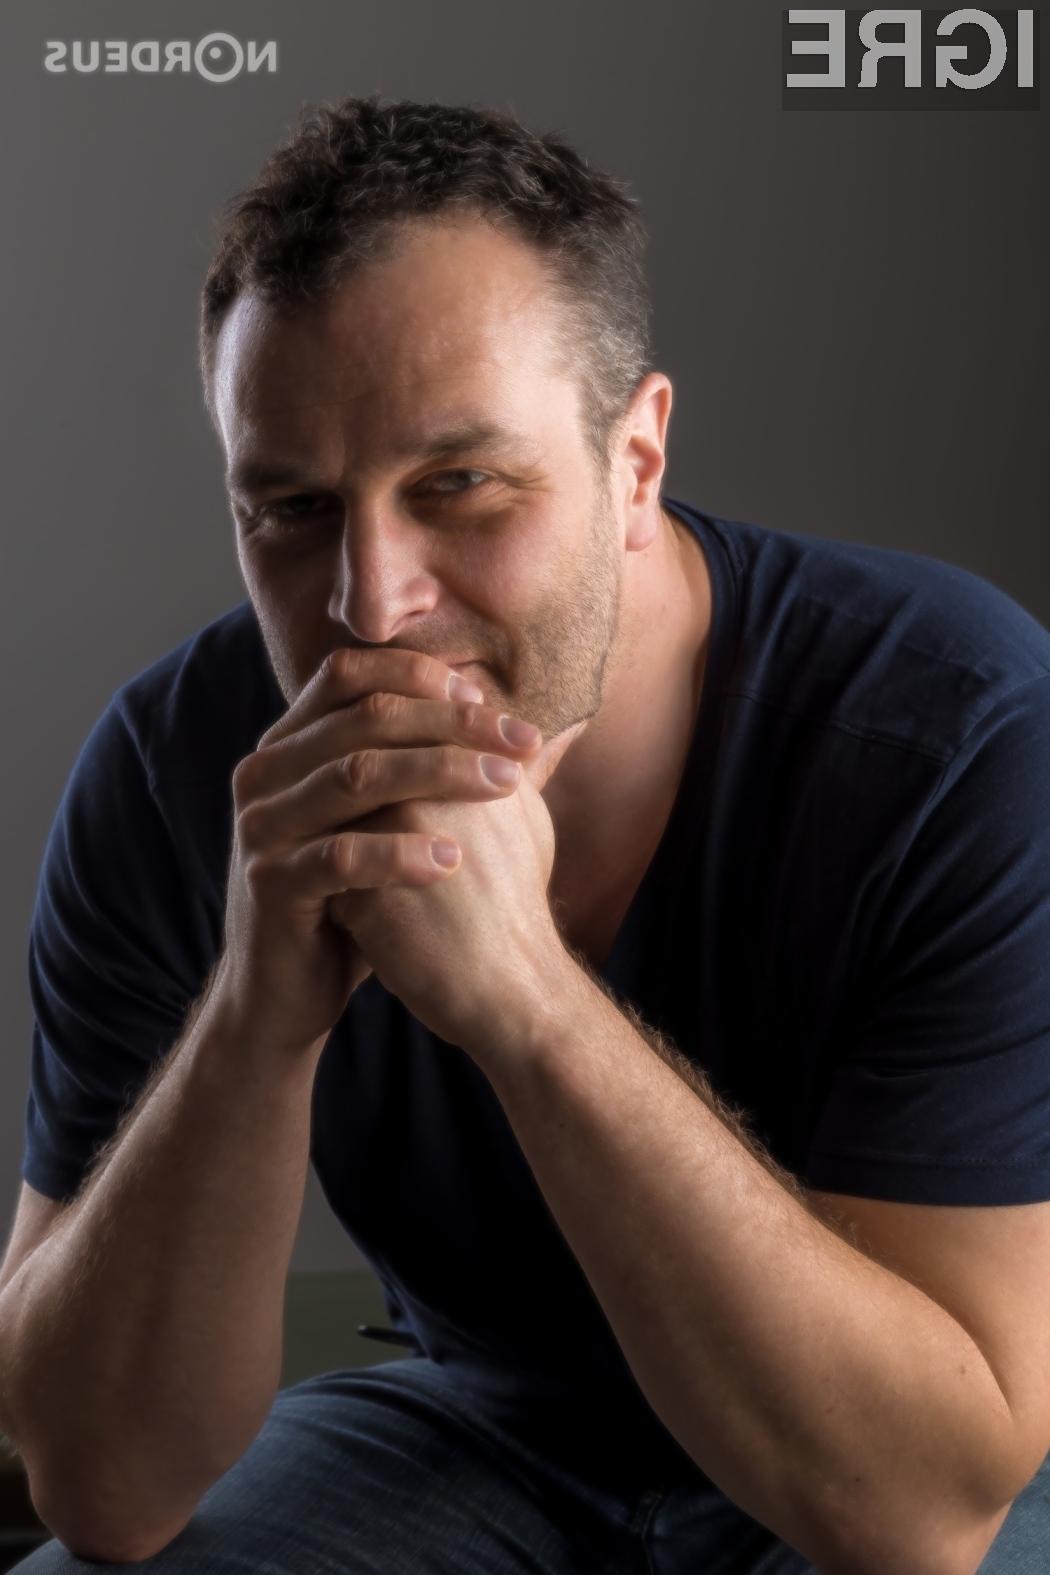 Daryl Clewlow, novi art direktor Nordeusa, v Nordeus prinaša večletne izkušnje iz filmske in igričarske industrije.